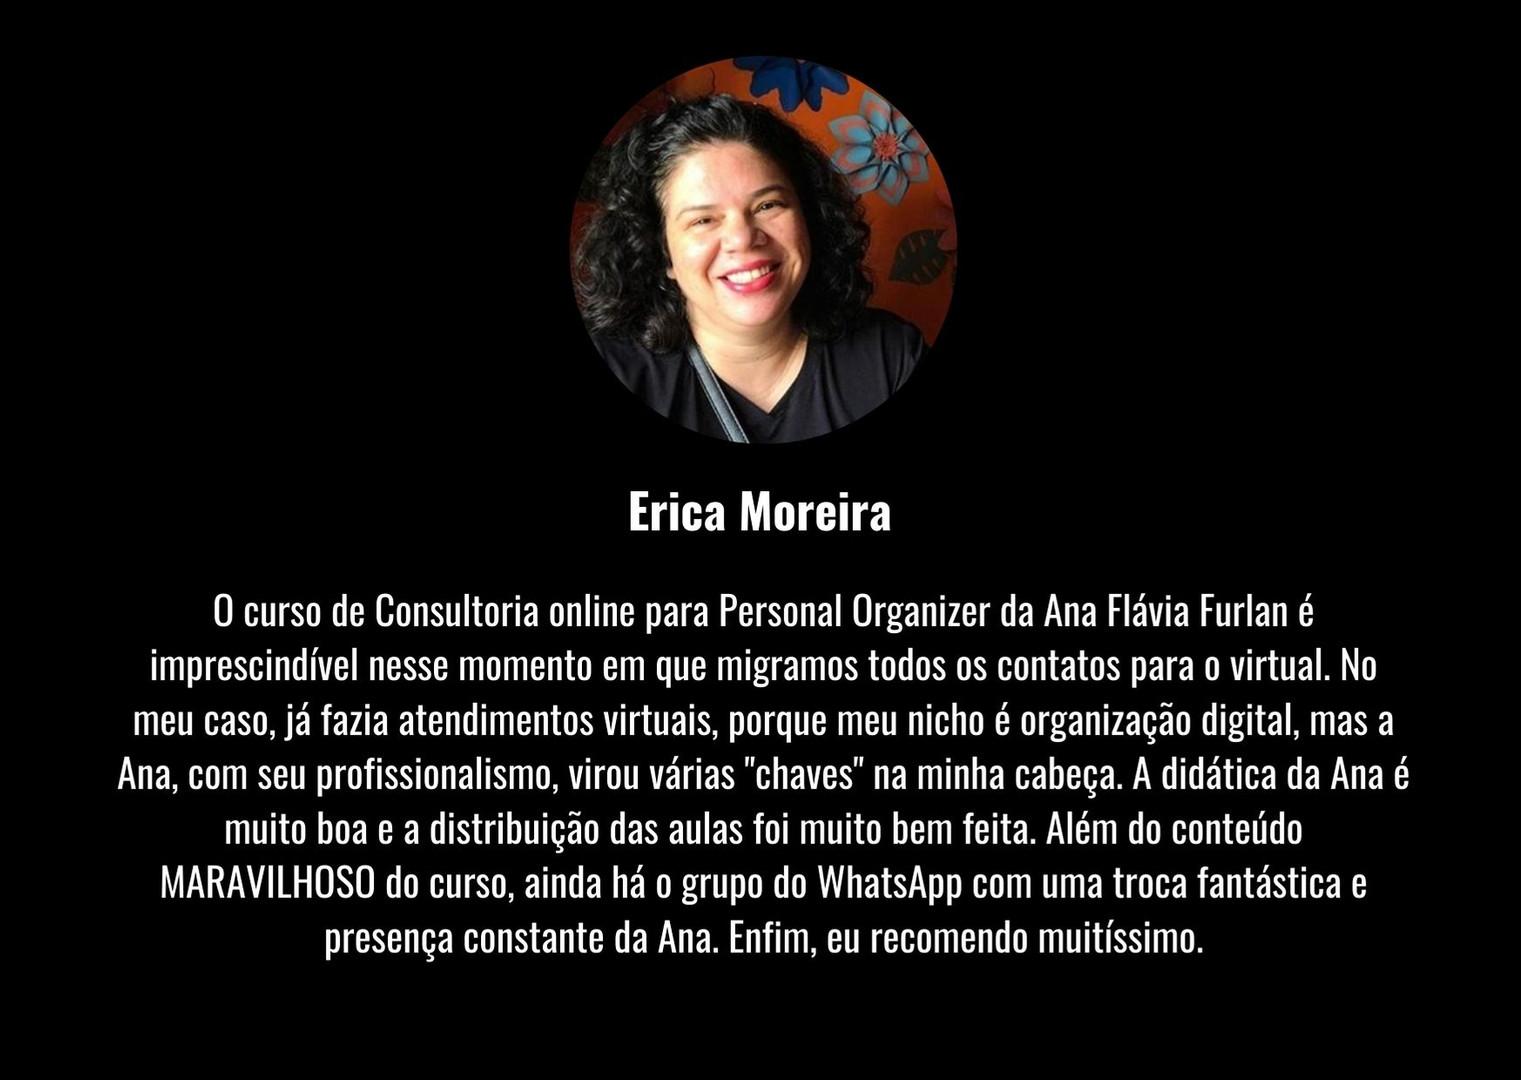 Erica Moreira